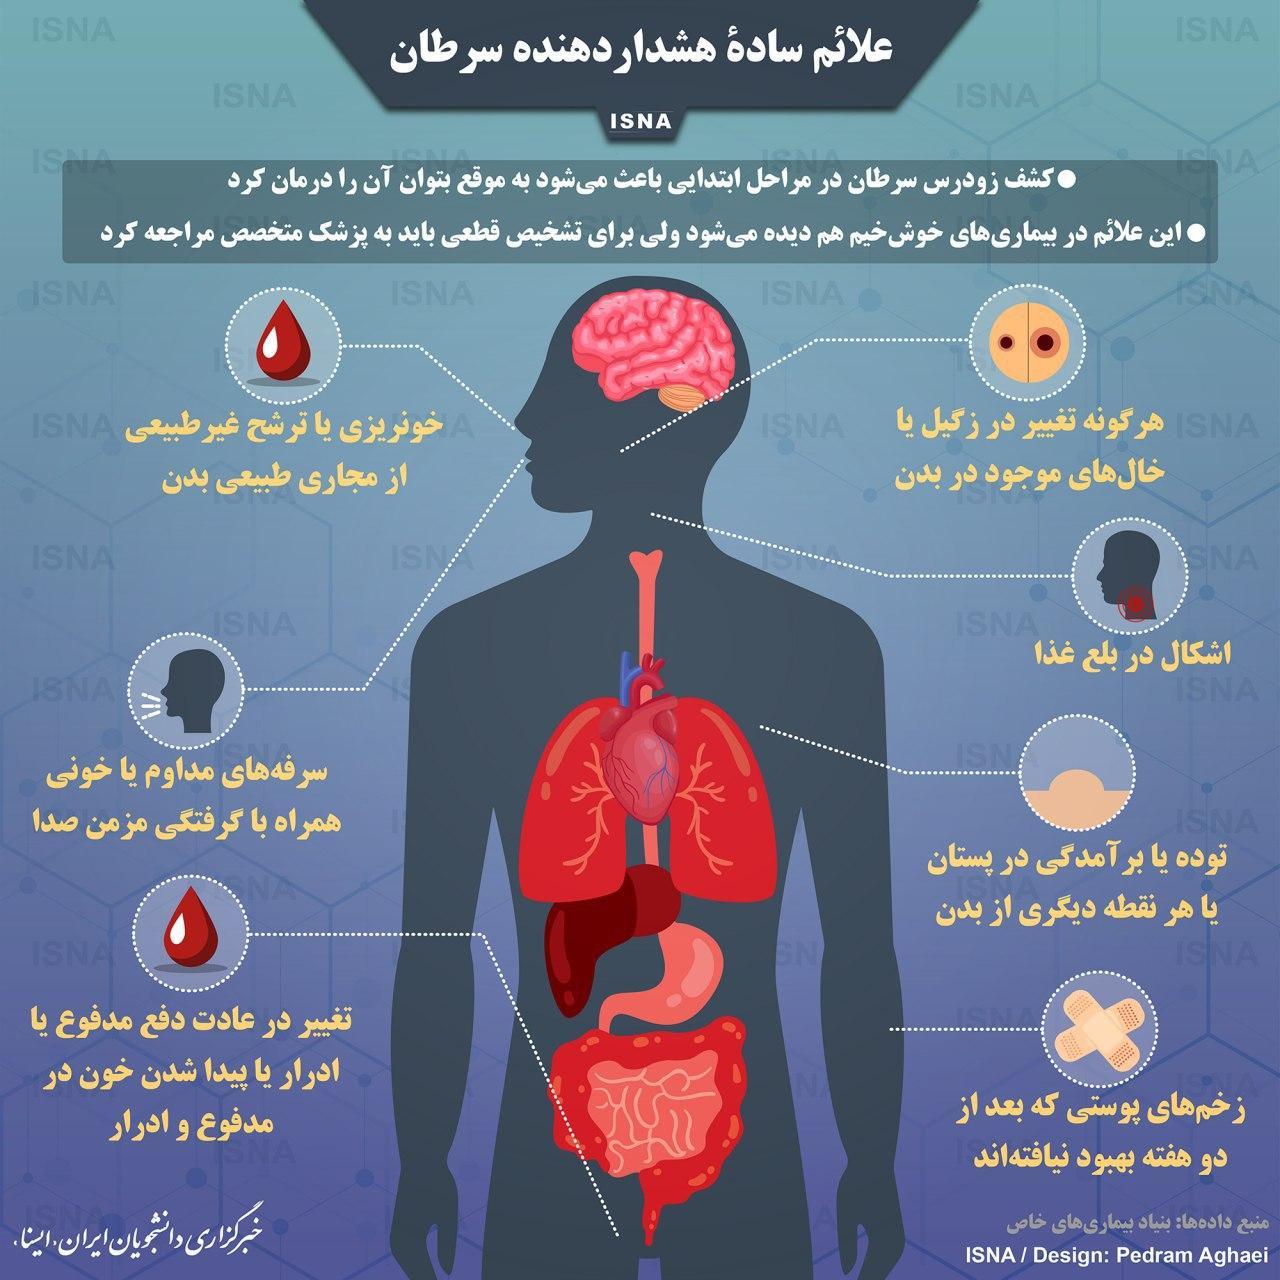 علایم هشدار دهنده سرطان را جدی بگیرید